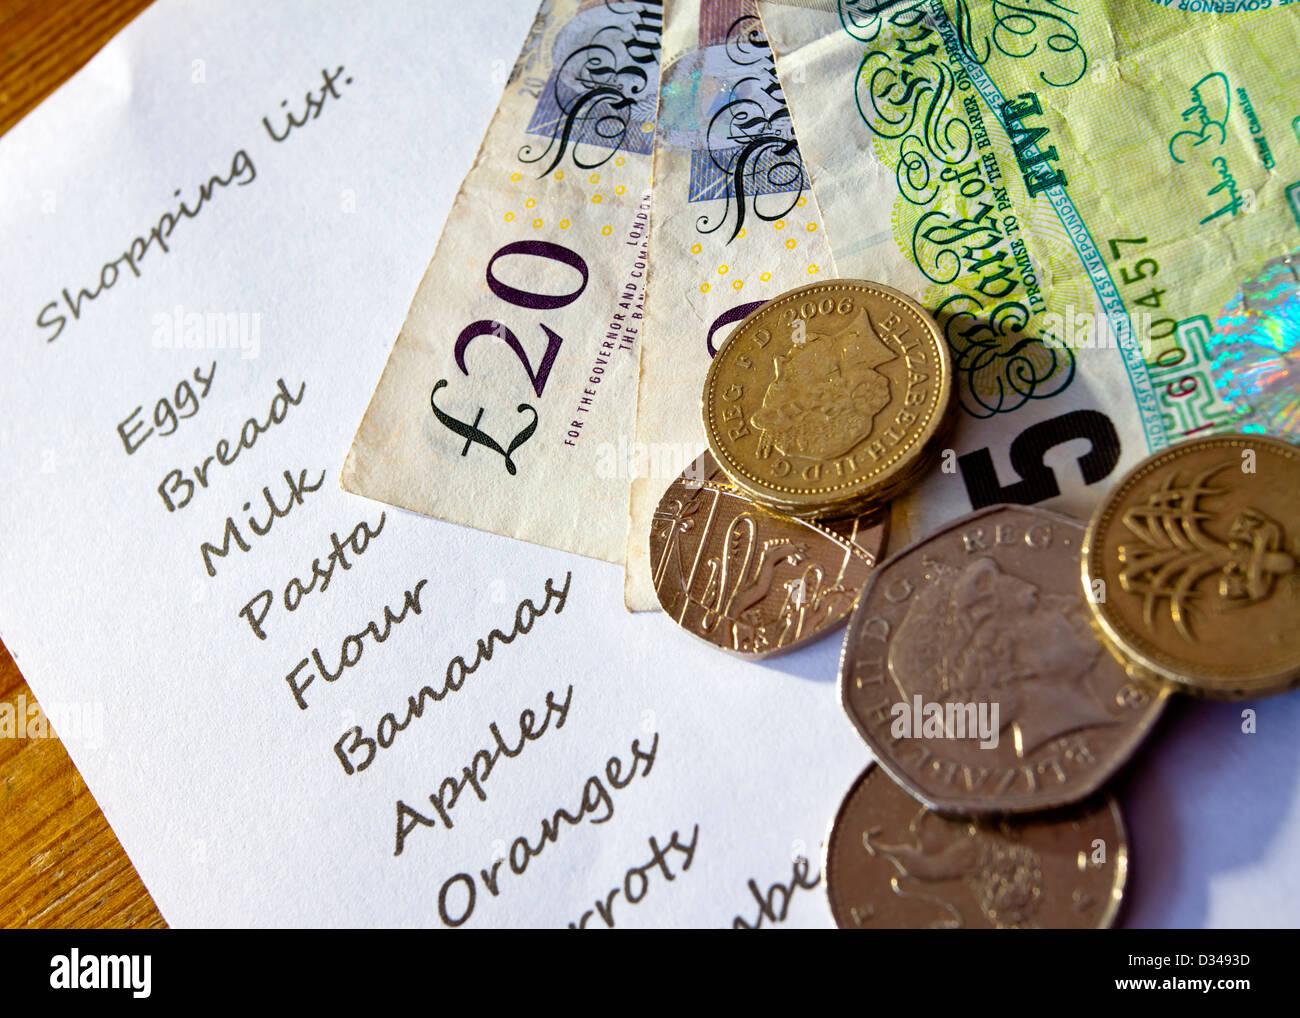 Close up of shopping Liste de pièces et billets en euros au Royaume-Uni sur le dessus Banque D'Images